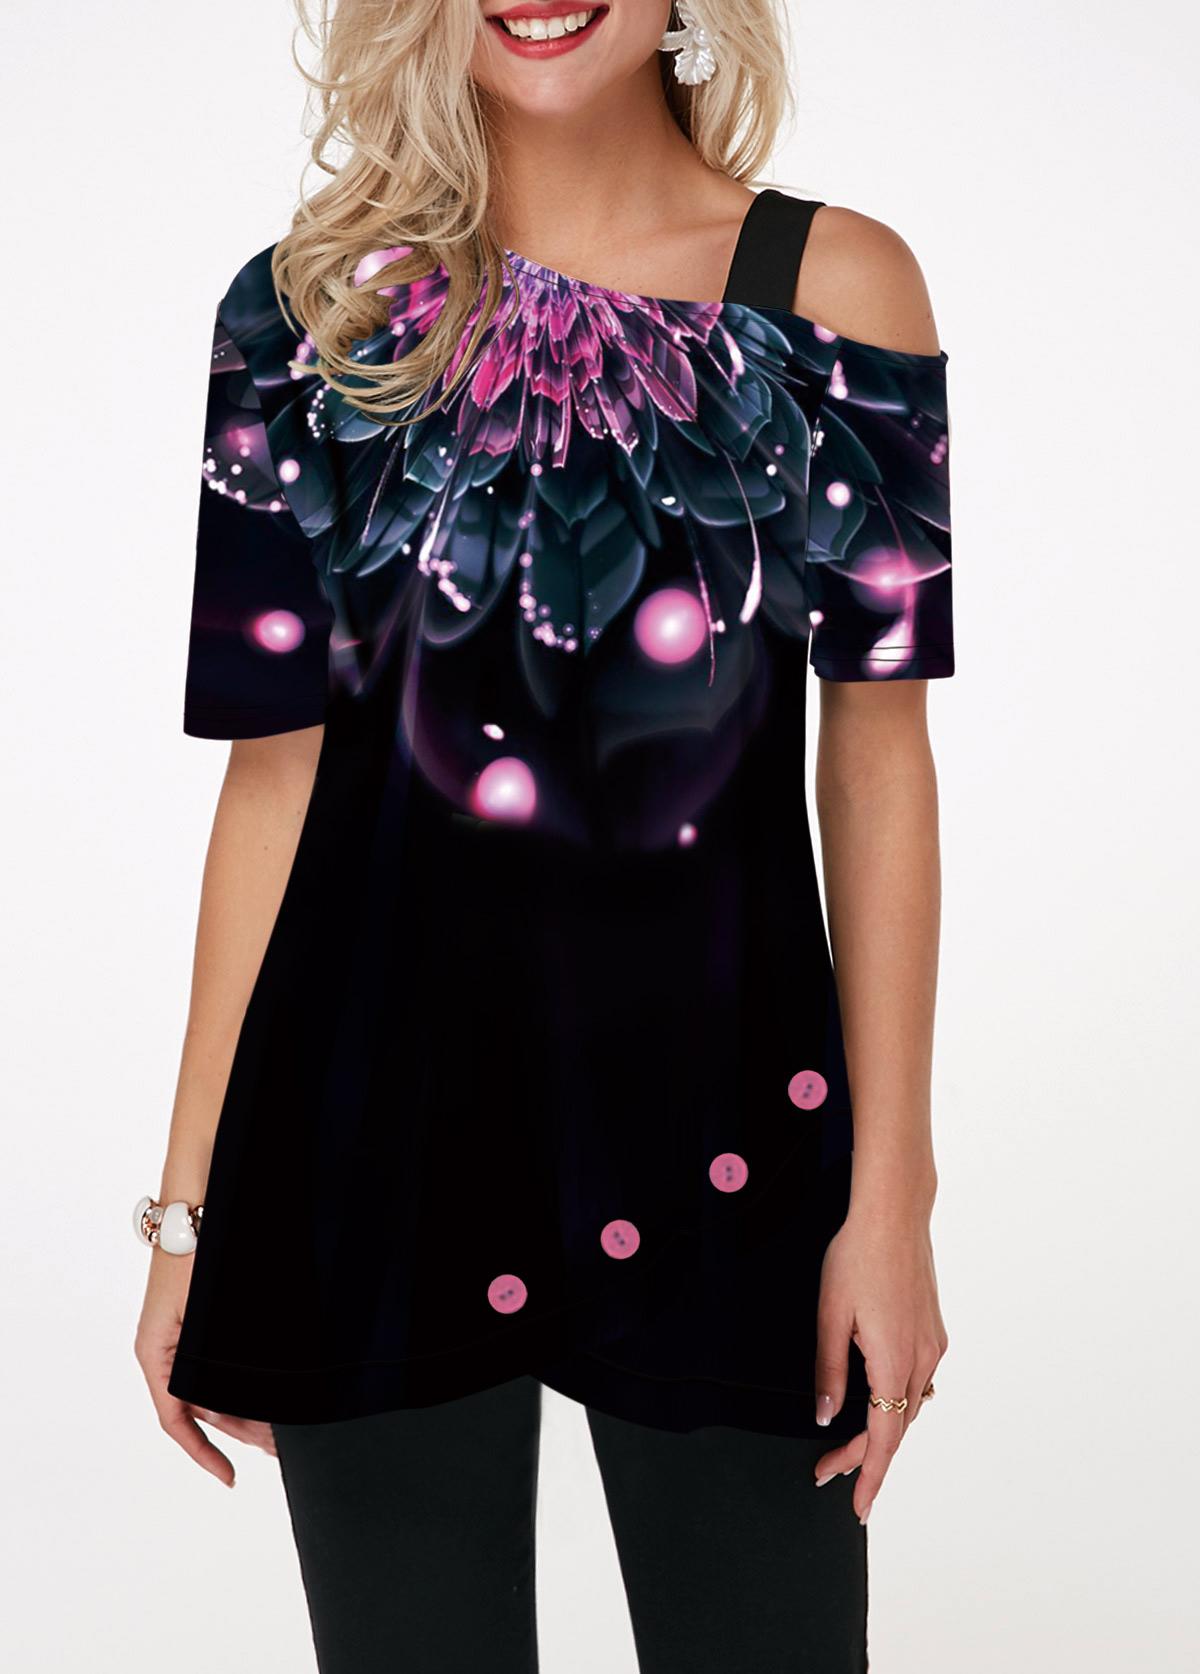 Dazzle Color Short Sleeve Floral Print T Shirt